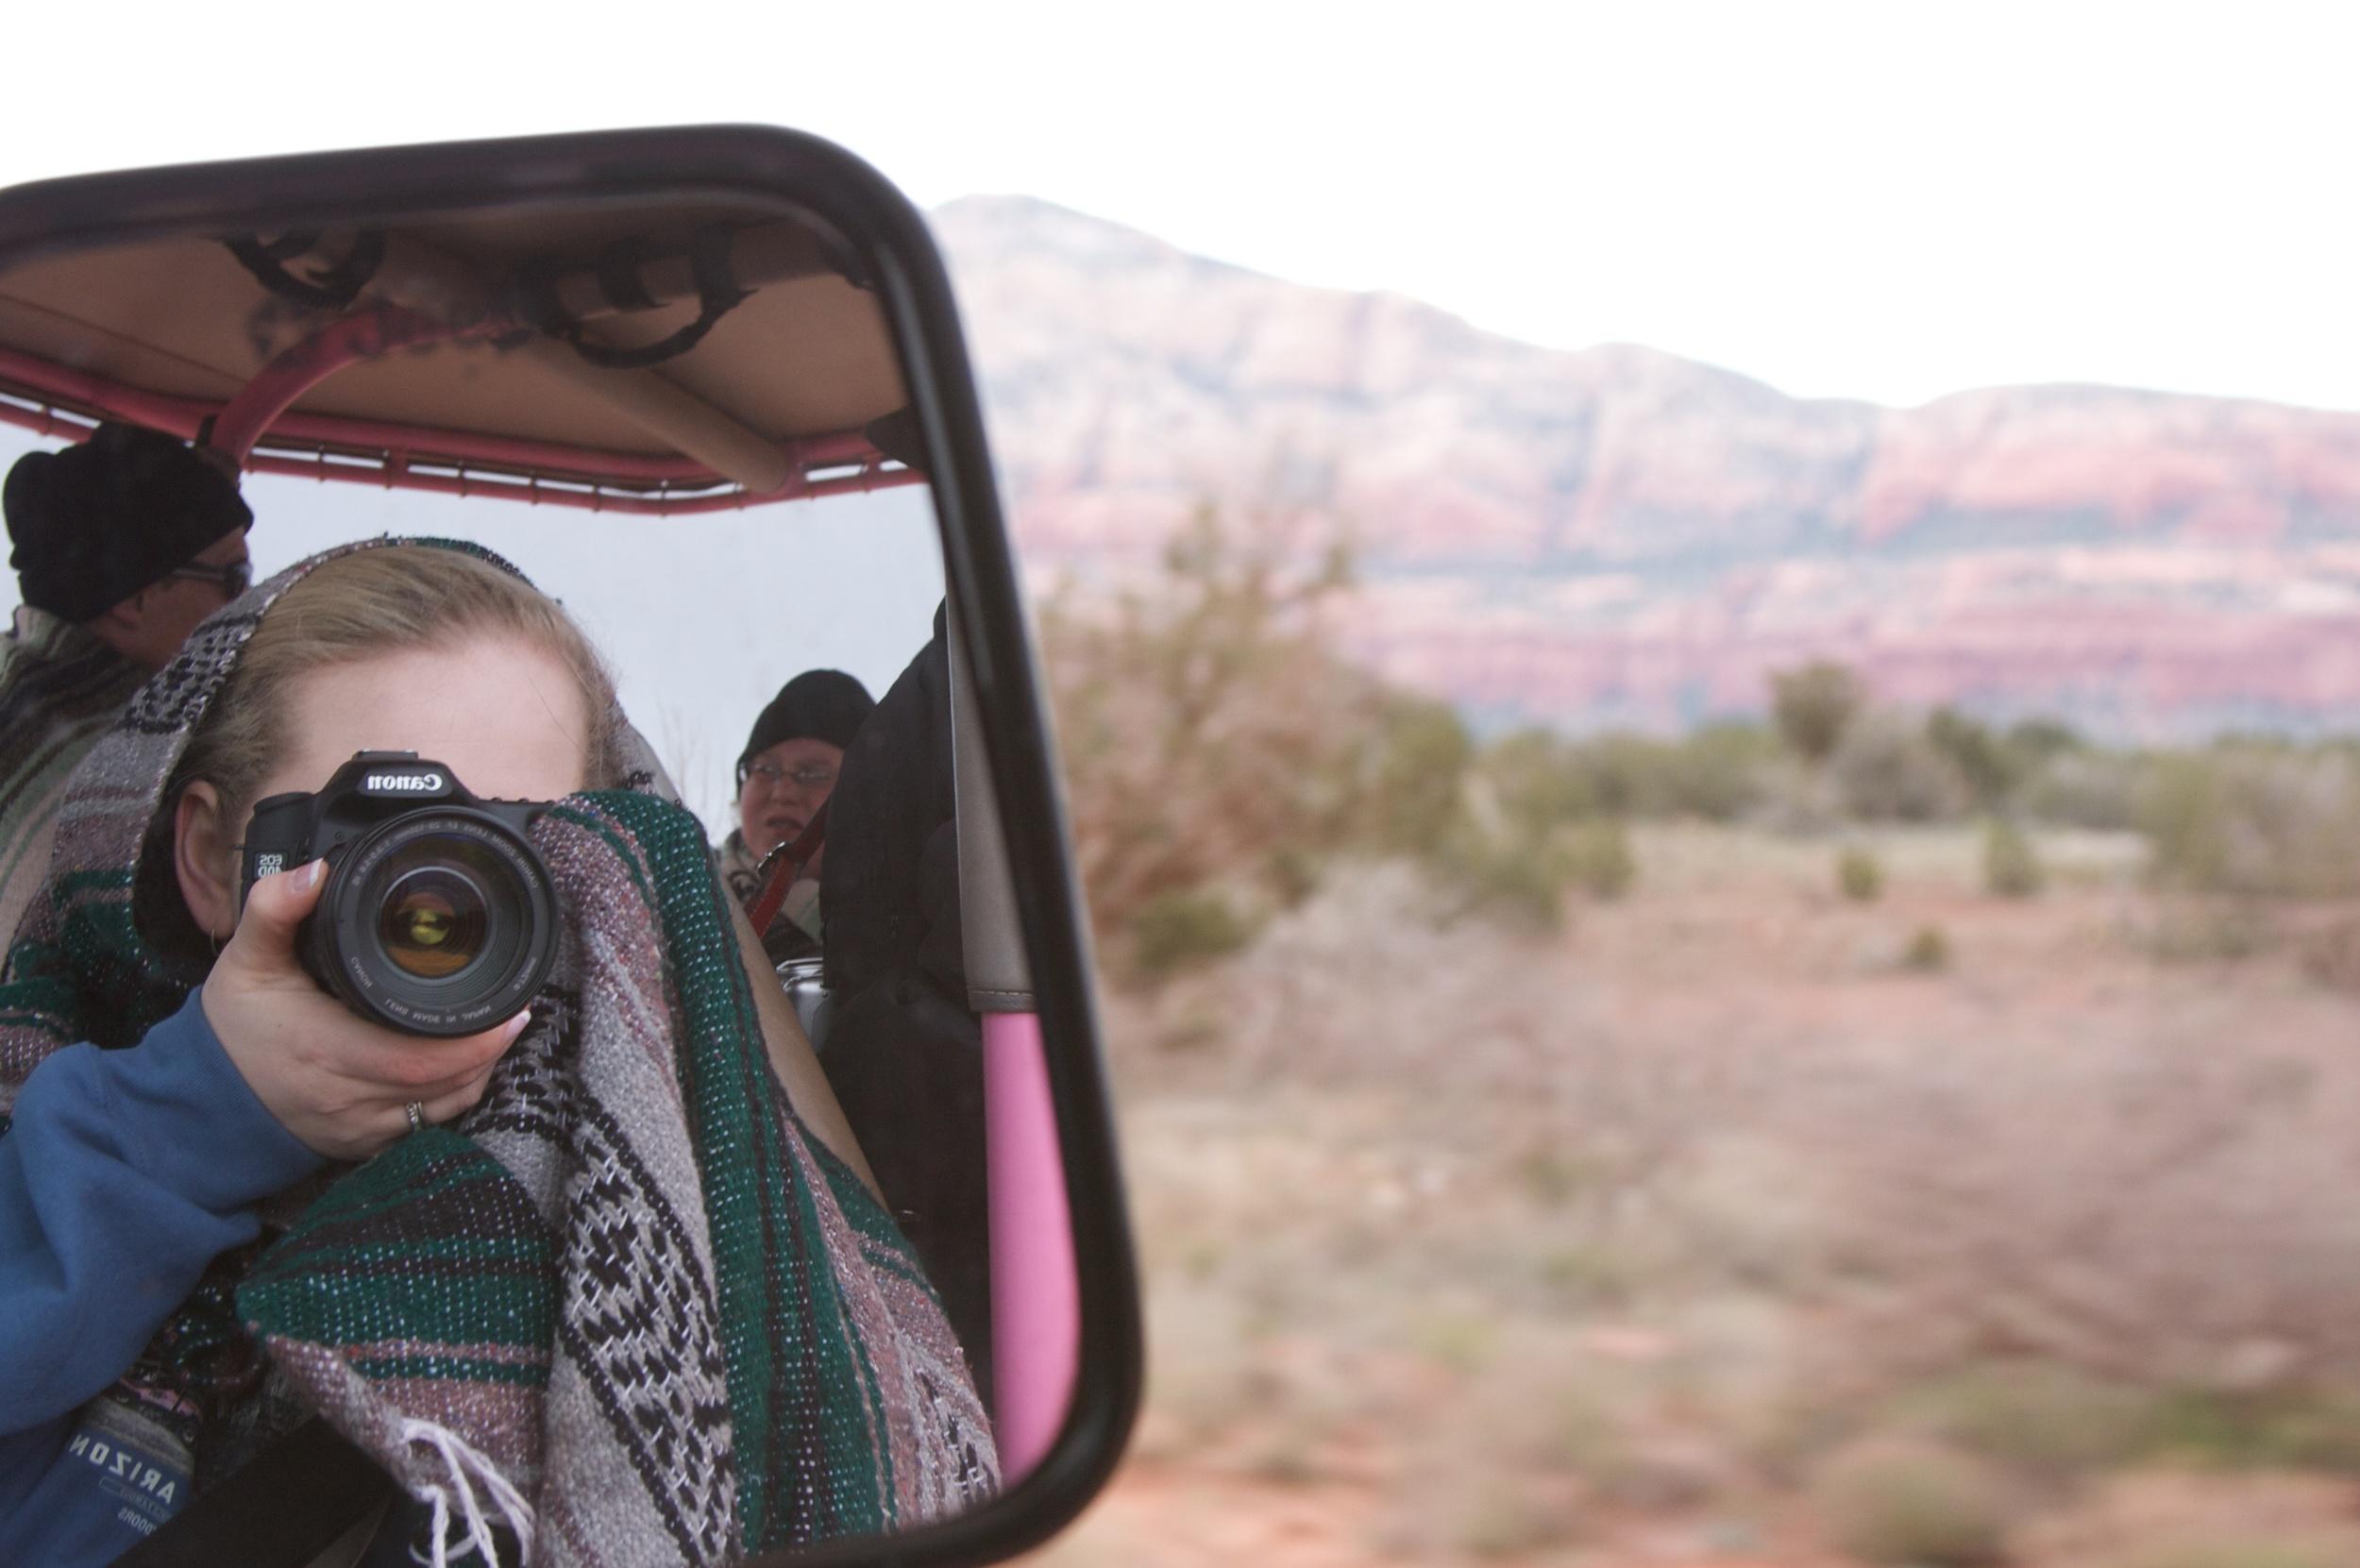 Sightseeing in Sedona, AZ